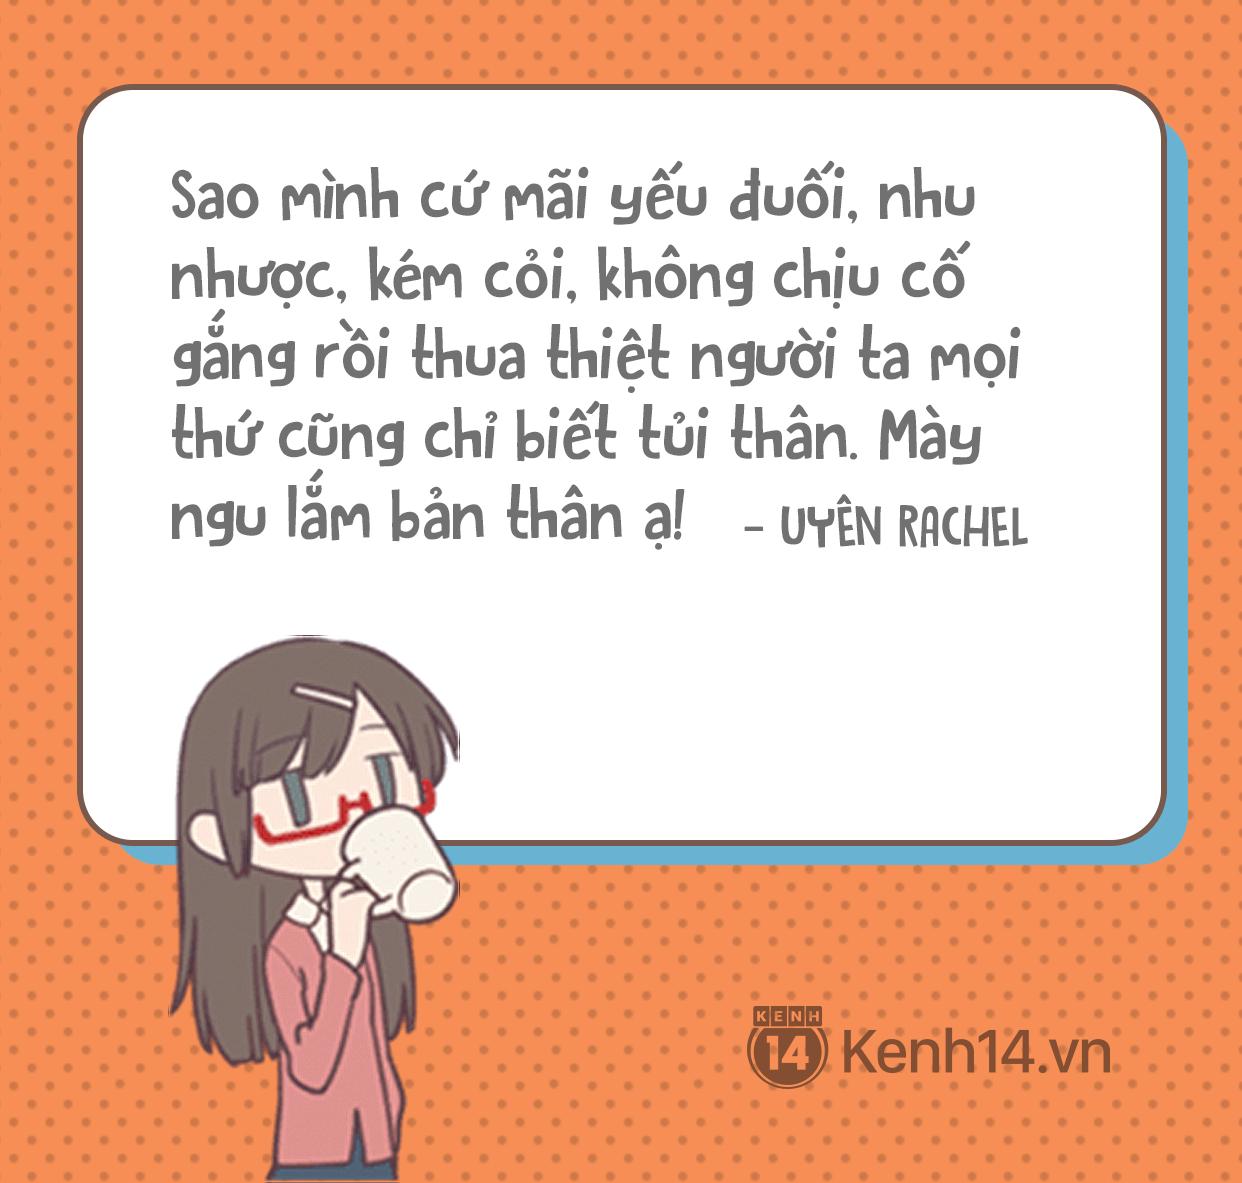 VZN News: 101 chuyện bạn kể tôi nghe: Gánh nặng đang đè trĩu trong lòng bạn là gì vậy? - Ảnh 5.